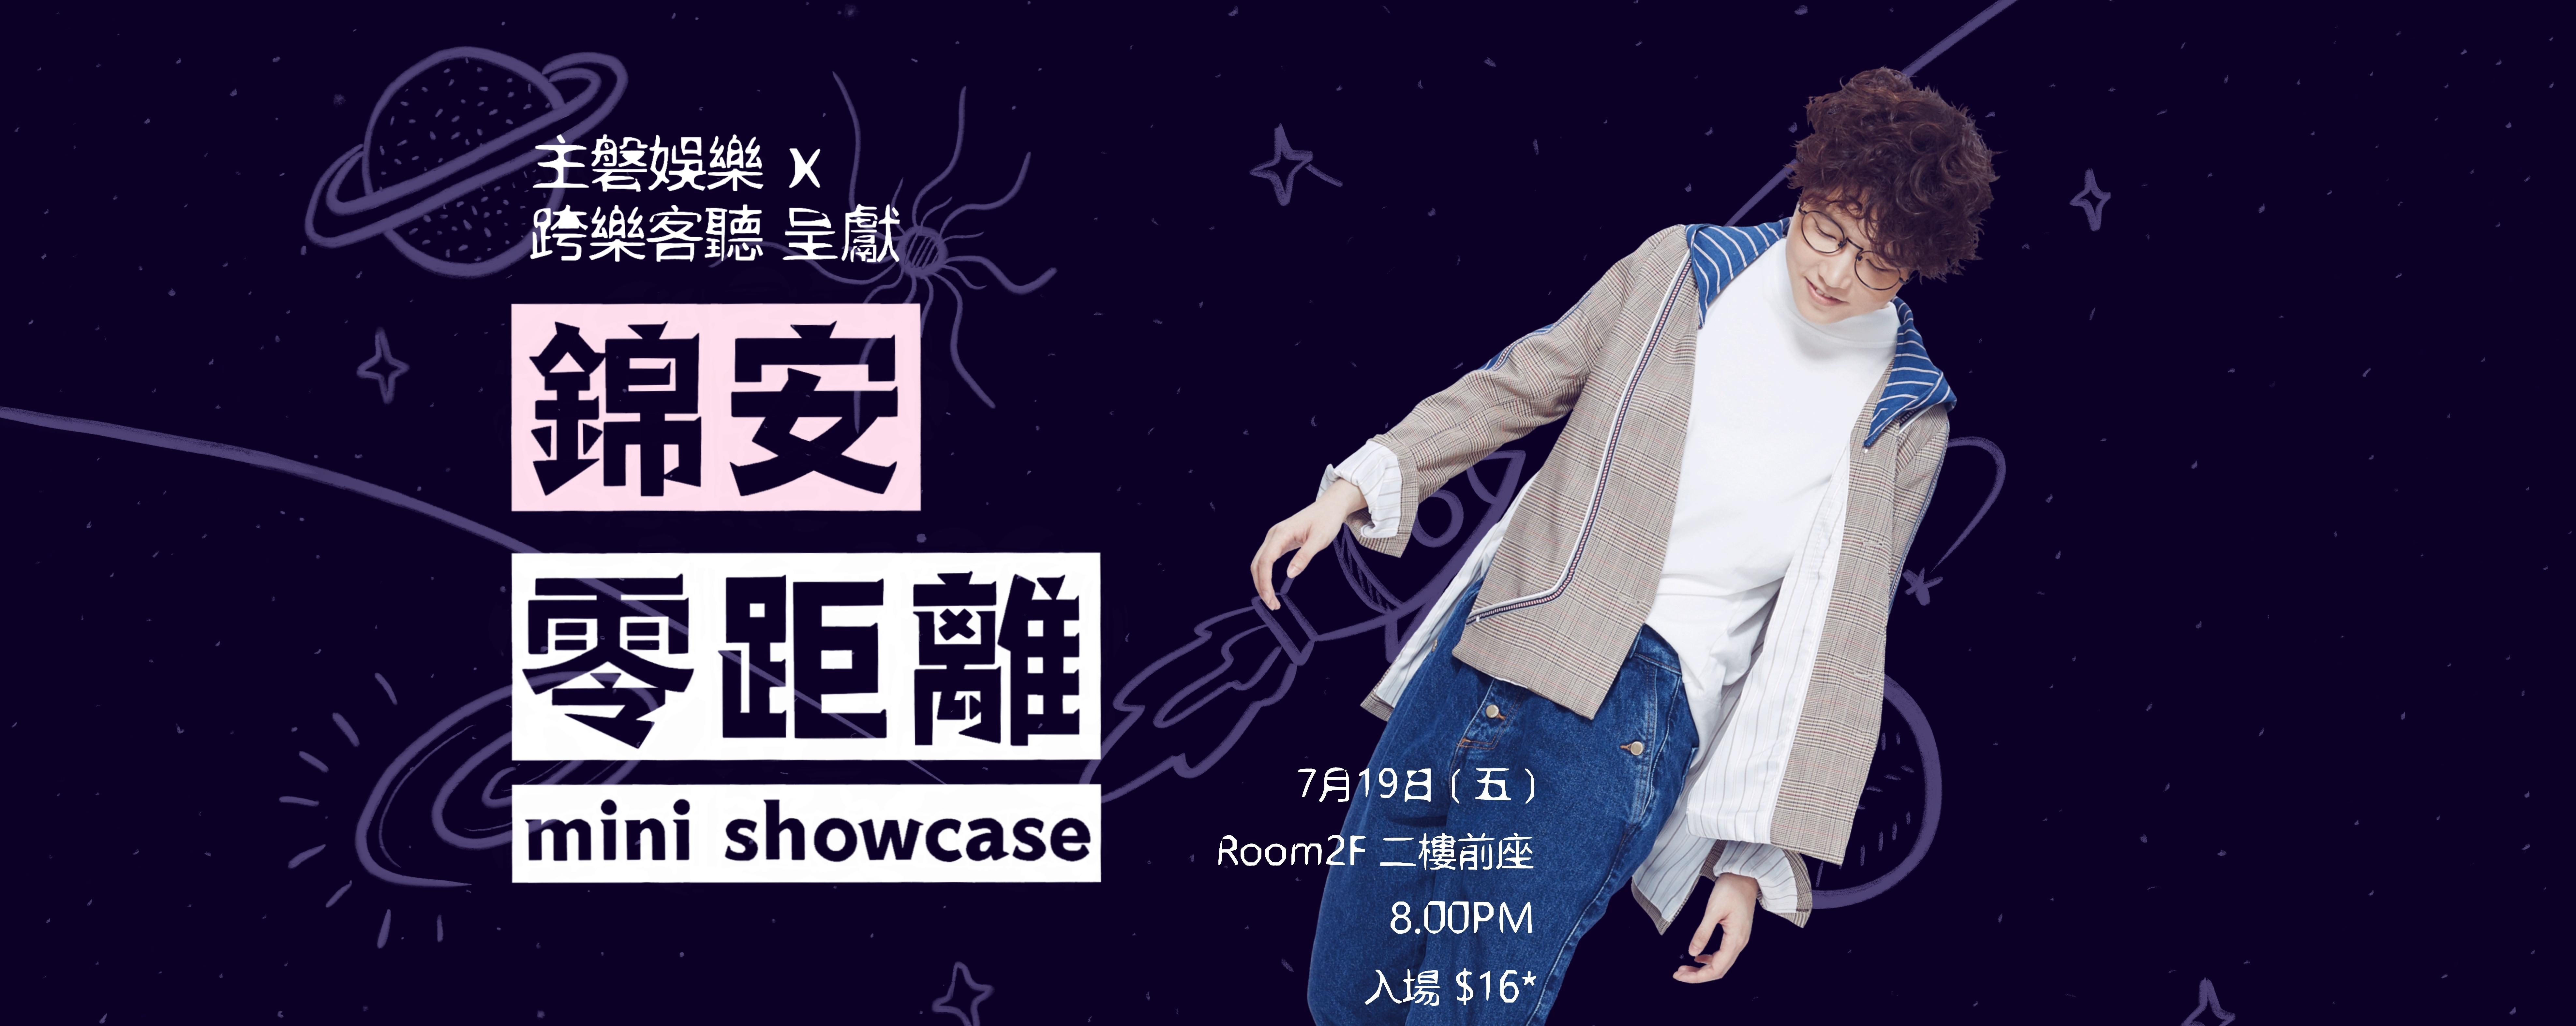 錦安【零距離】Jin An Zero Distance Mini Showcase